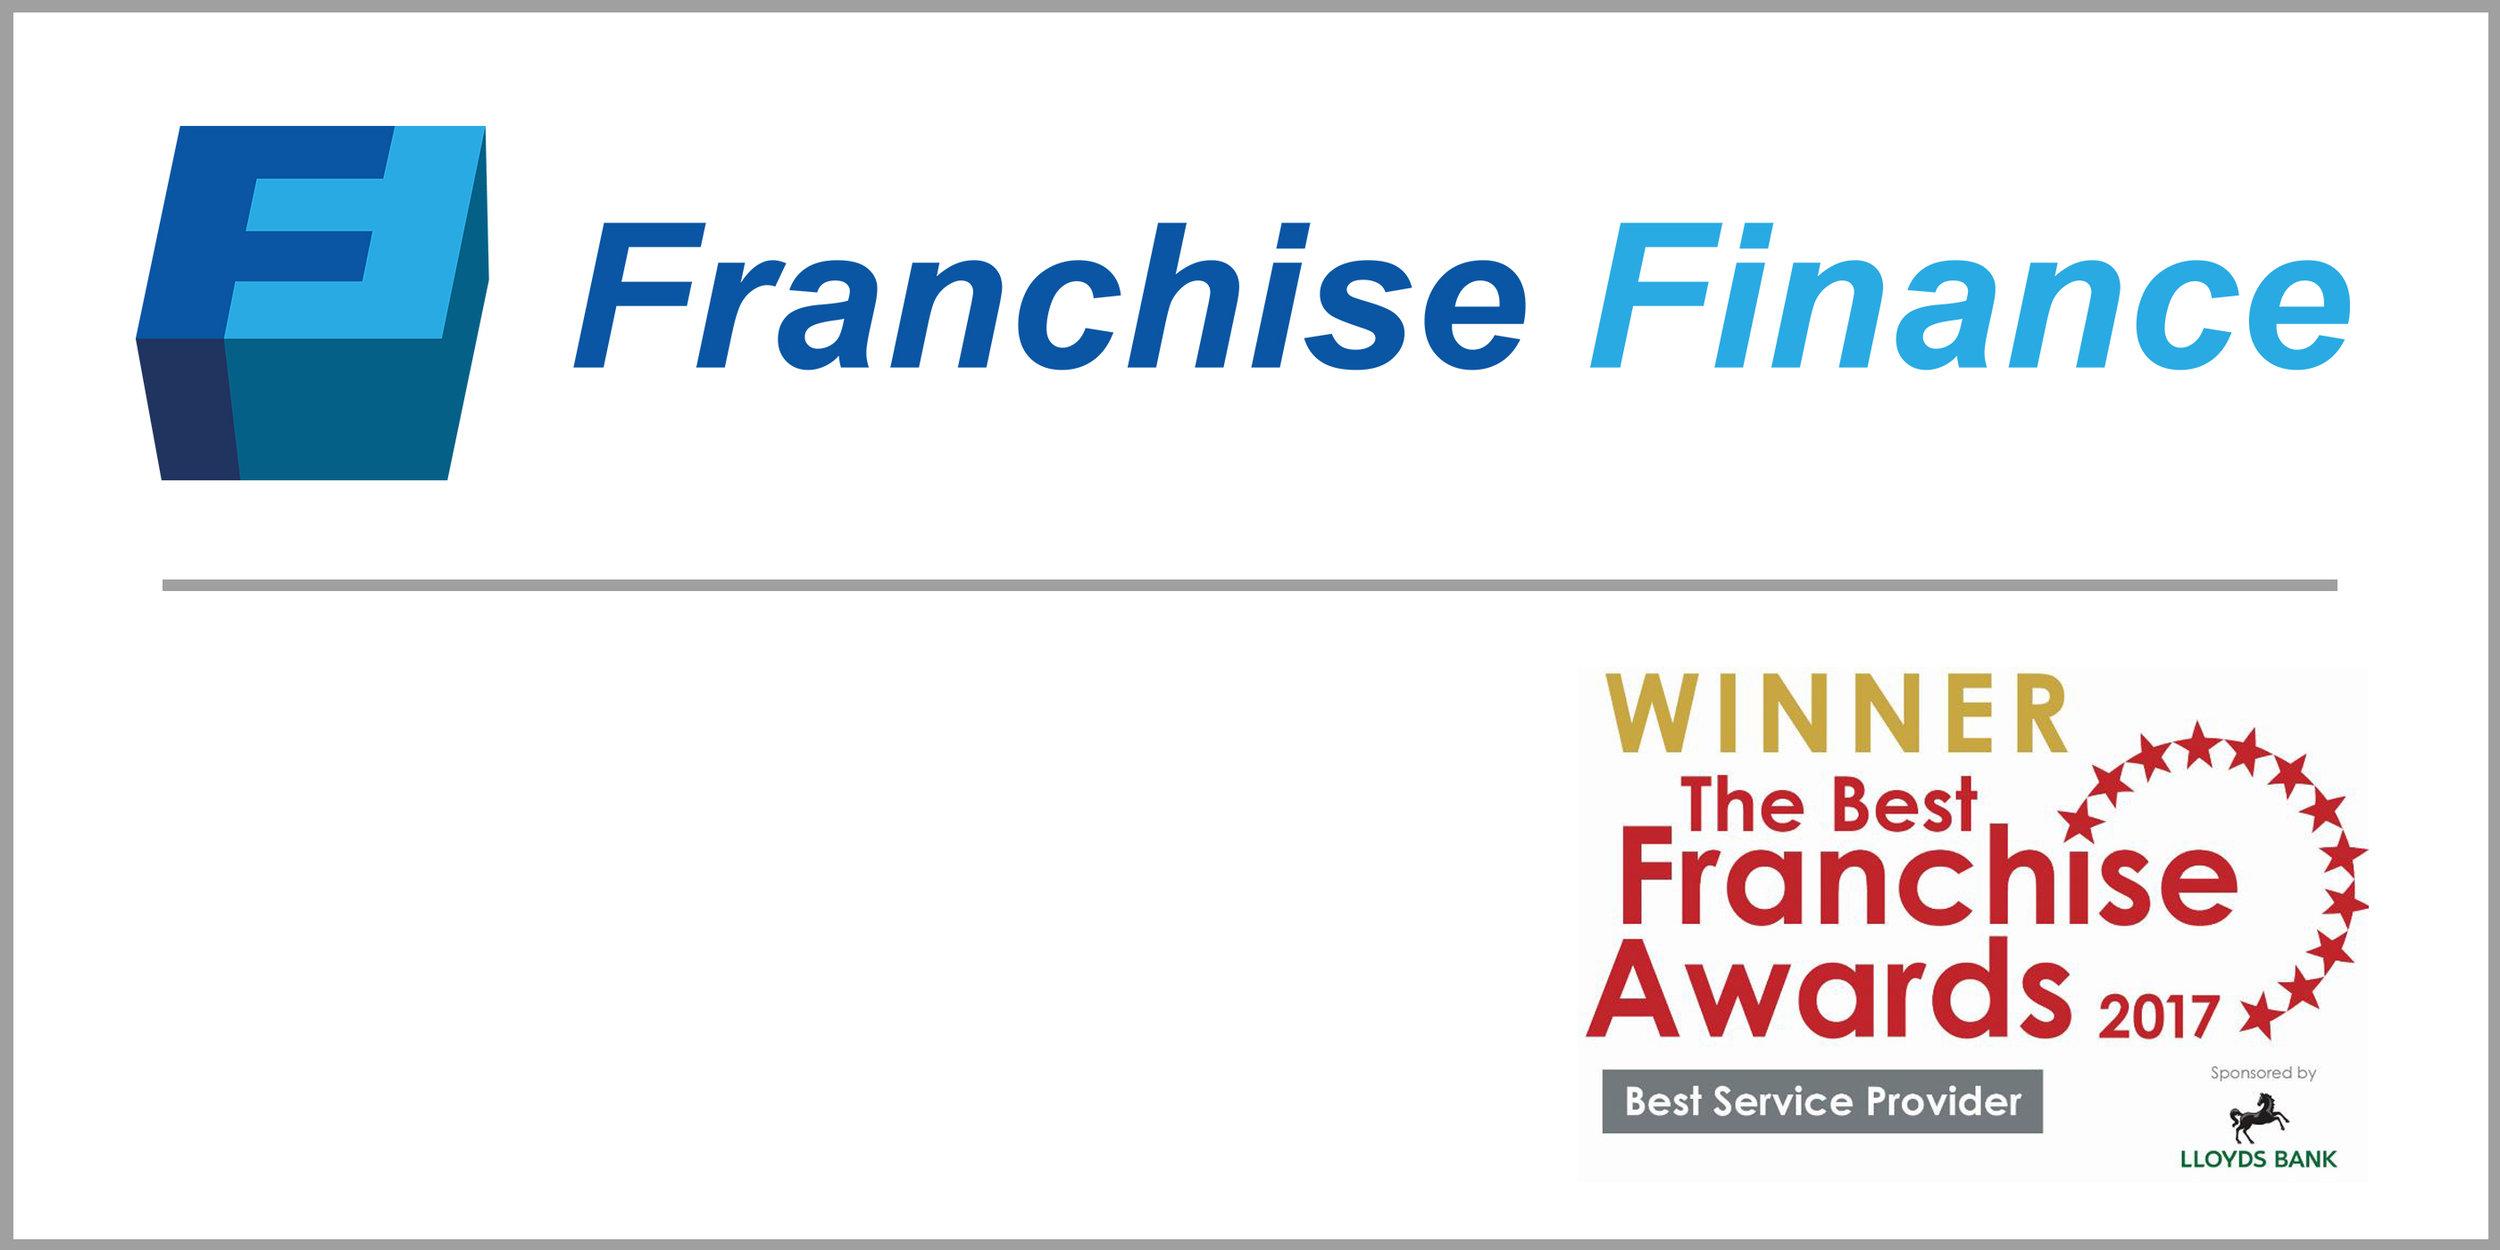 FF_Logo+Award.jpg